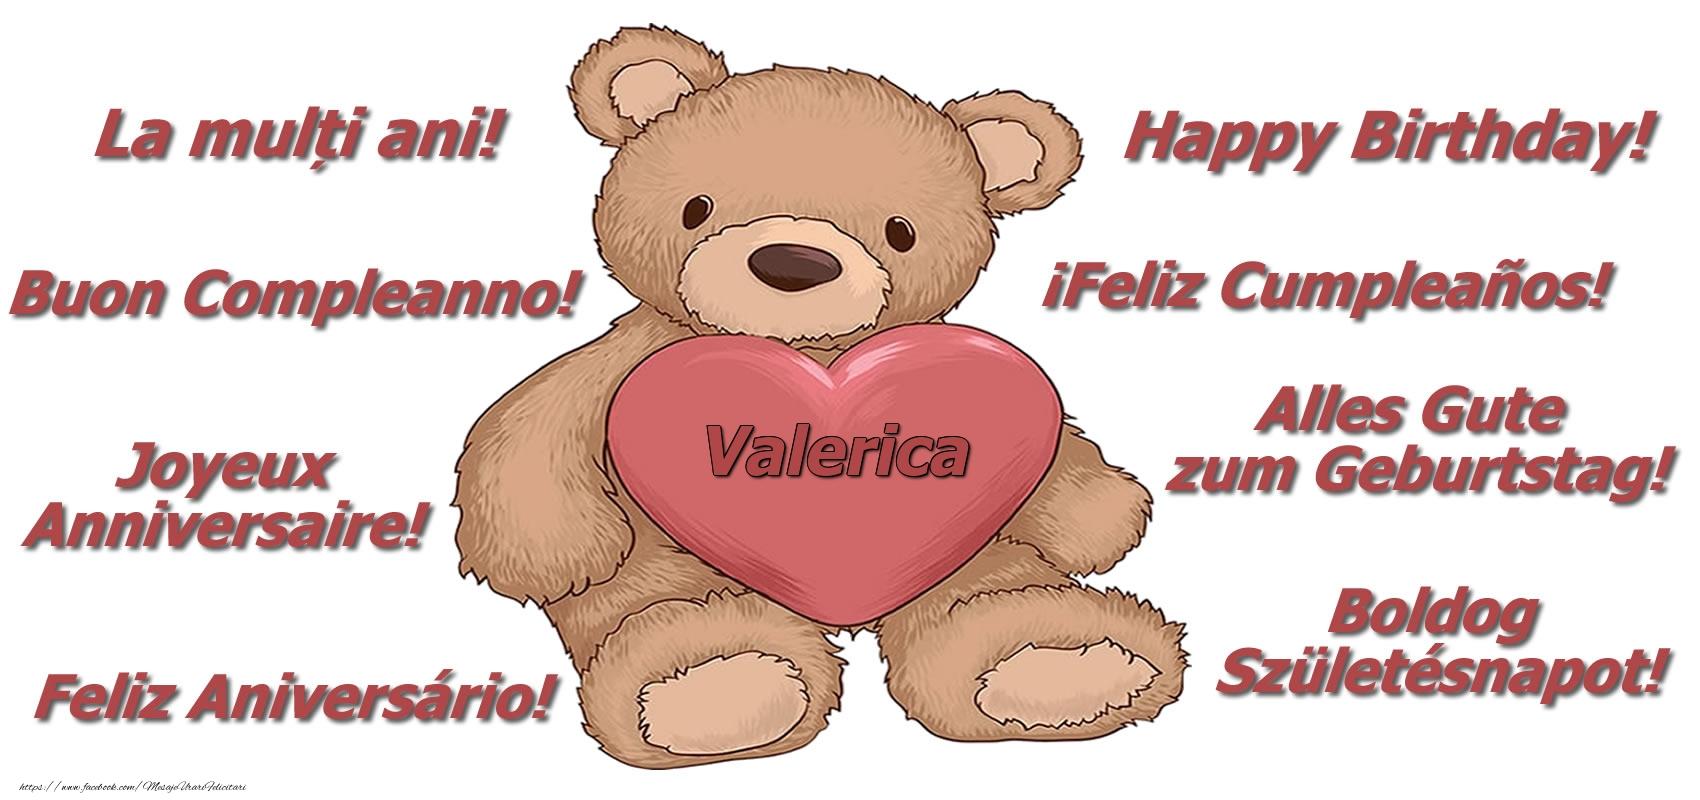 Felicitari de zi de nastere - La multi ani Valerica! - Ursulet